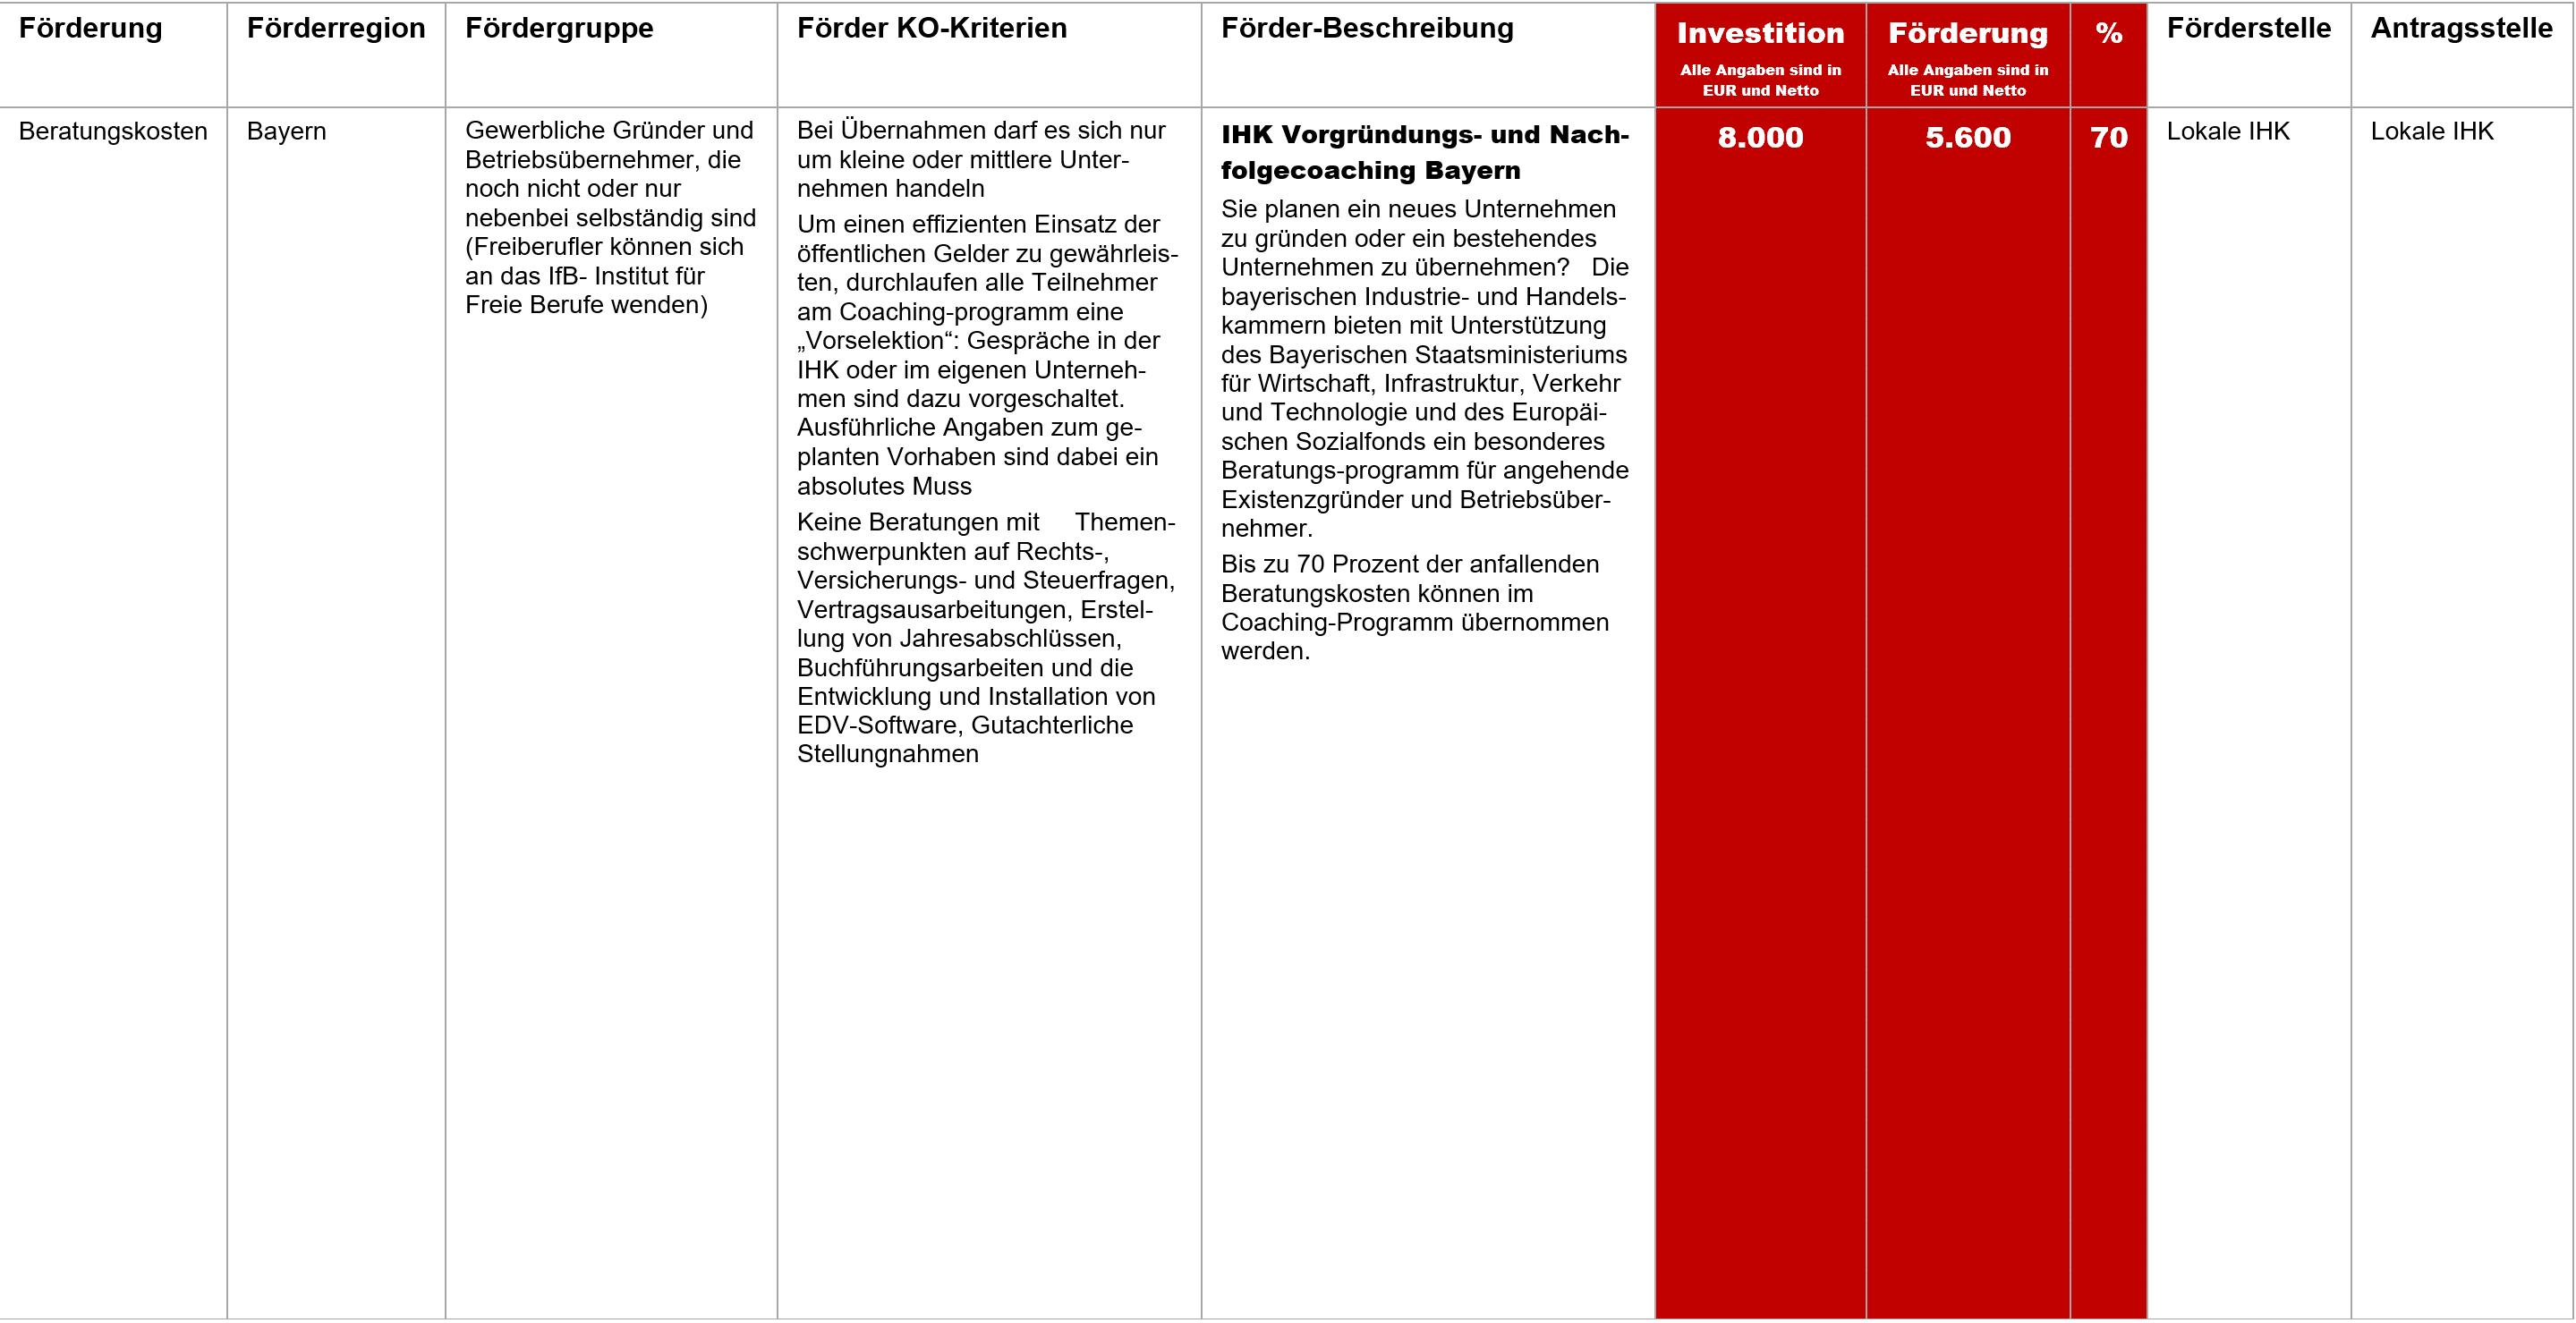 IHK Vorgründungs- und Nachfolgecoaching Bayern, Fördermittel – IHK Vorgründungs- und Nachfolgecoaching Bayern